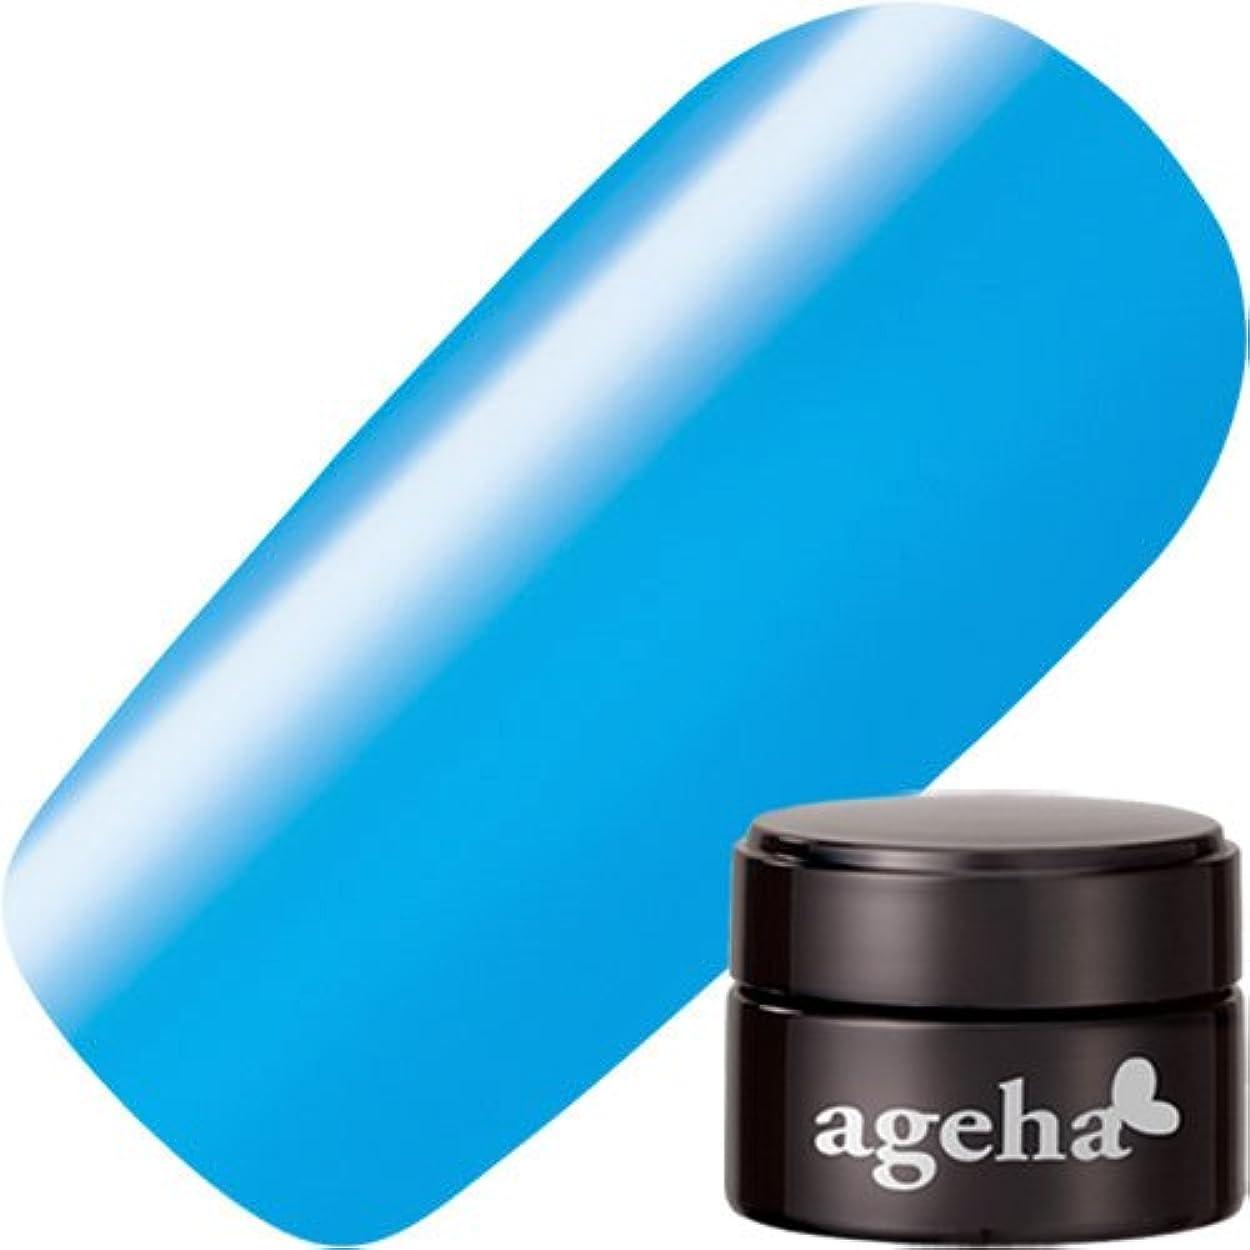 ageha(アゲハ) コスメカラー 500 ブルーシロップ 2.7g